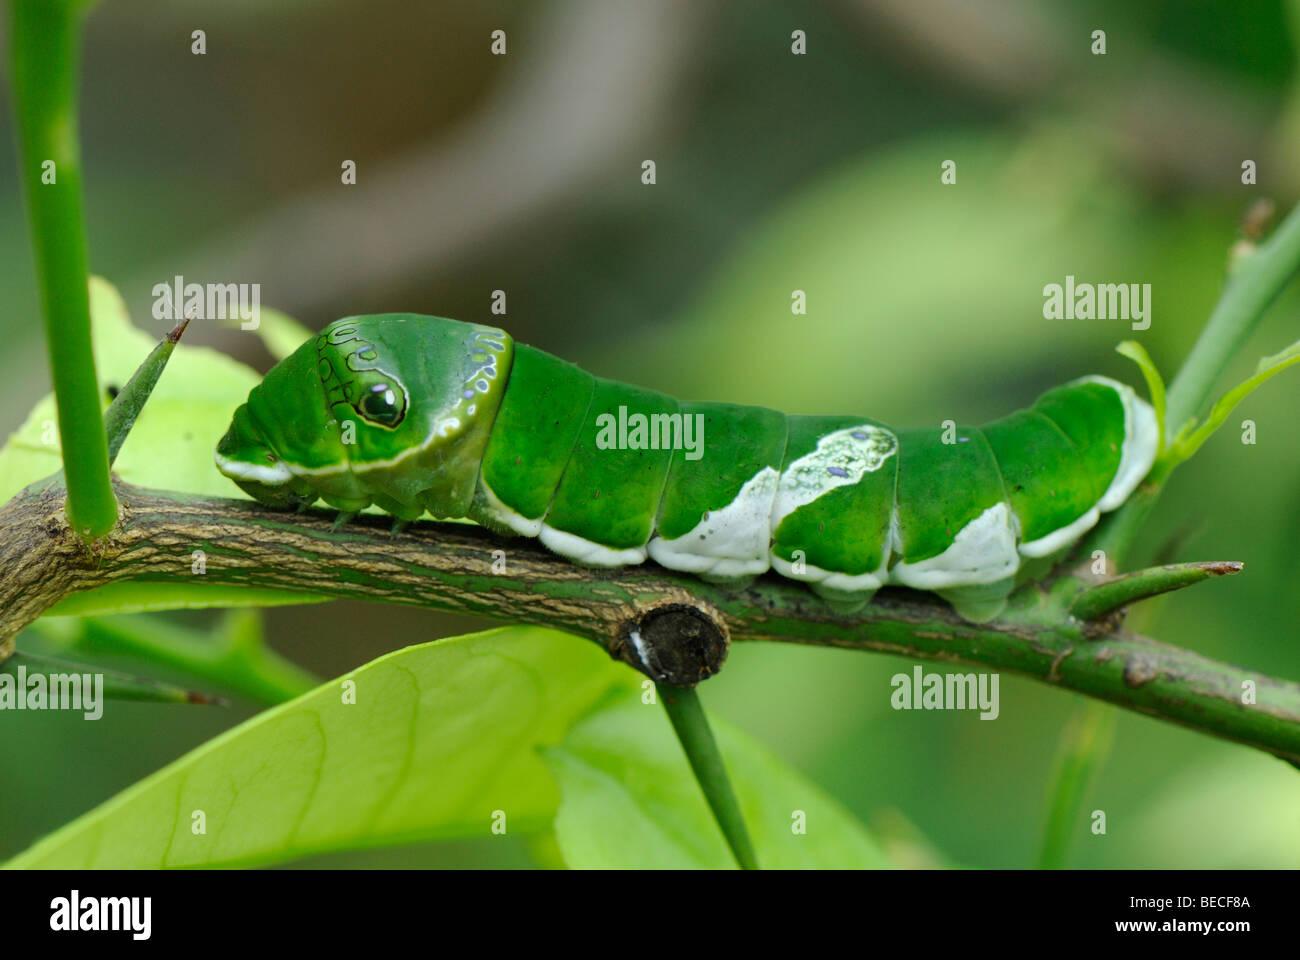 Caterpillar di un limone Butterfly (Papilio demoleus), Monaco di Baviera Giardino Botanico Immagini Stock